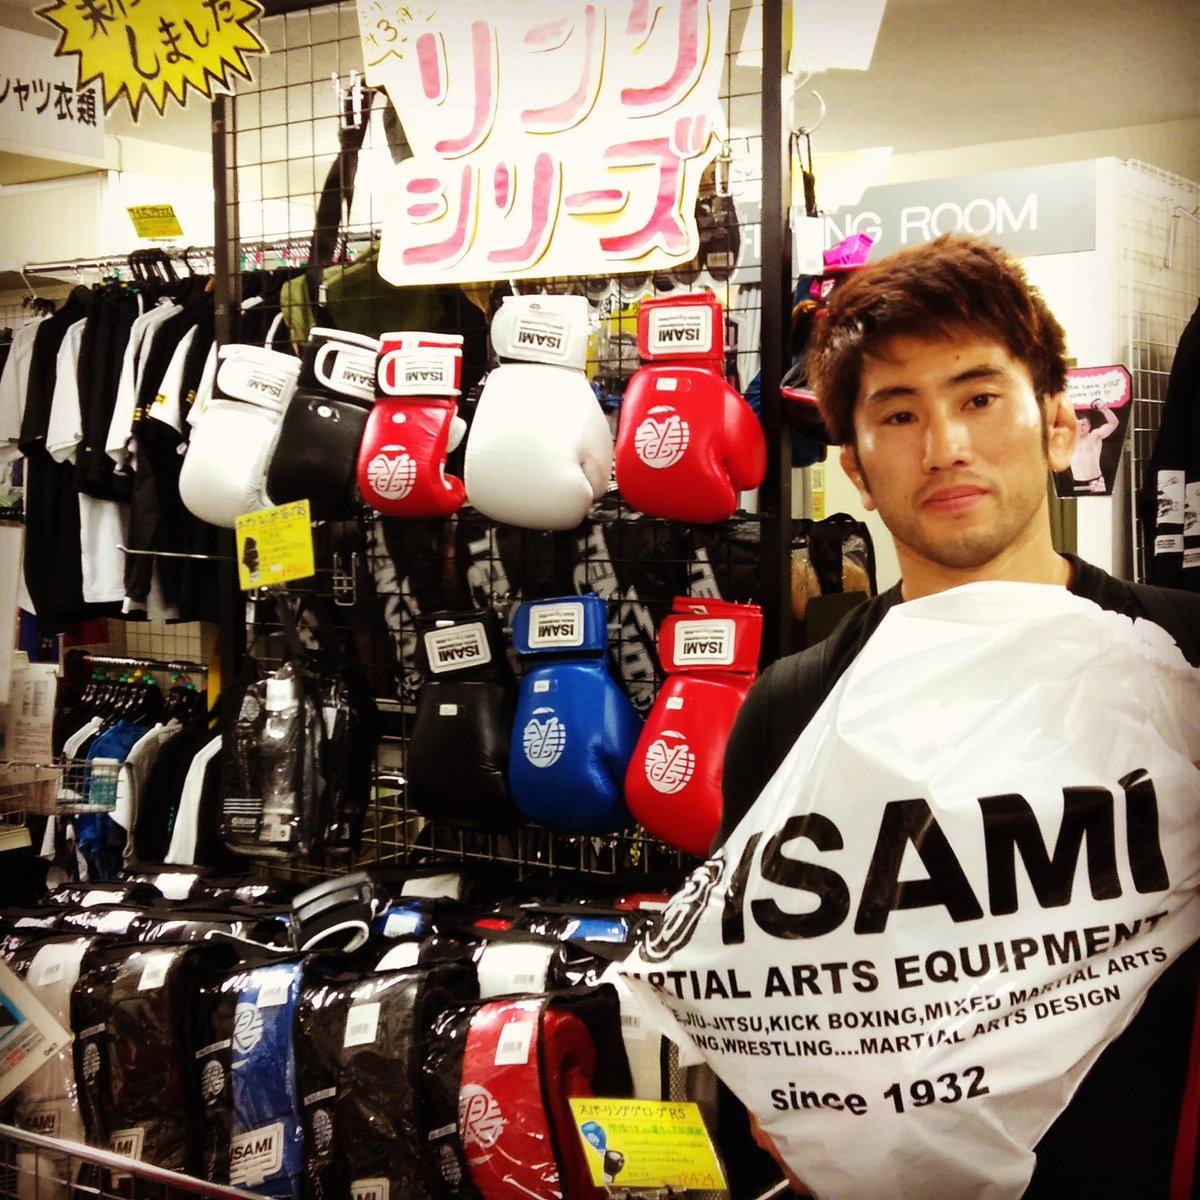 本日も沢山の練習道具を提供して戴きました! いつもありがとうございます😍😍  Thank you #東京イサミ #ISAMI 😘😘  #ISAMI #MMA #Fight